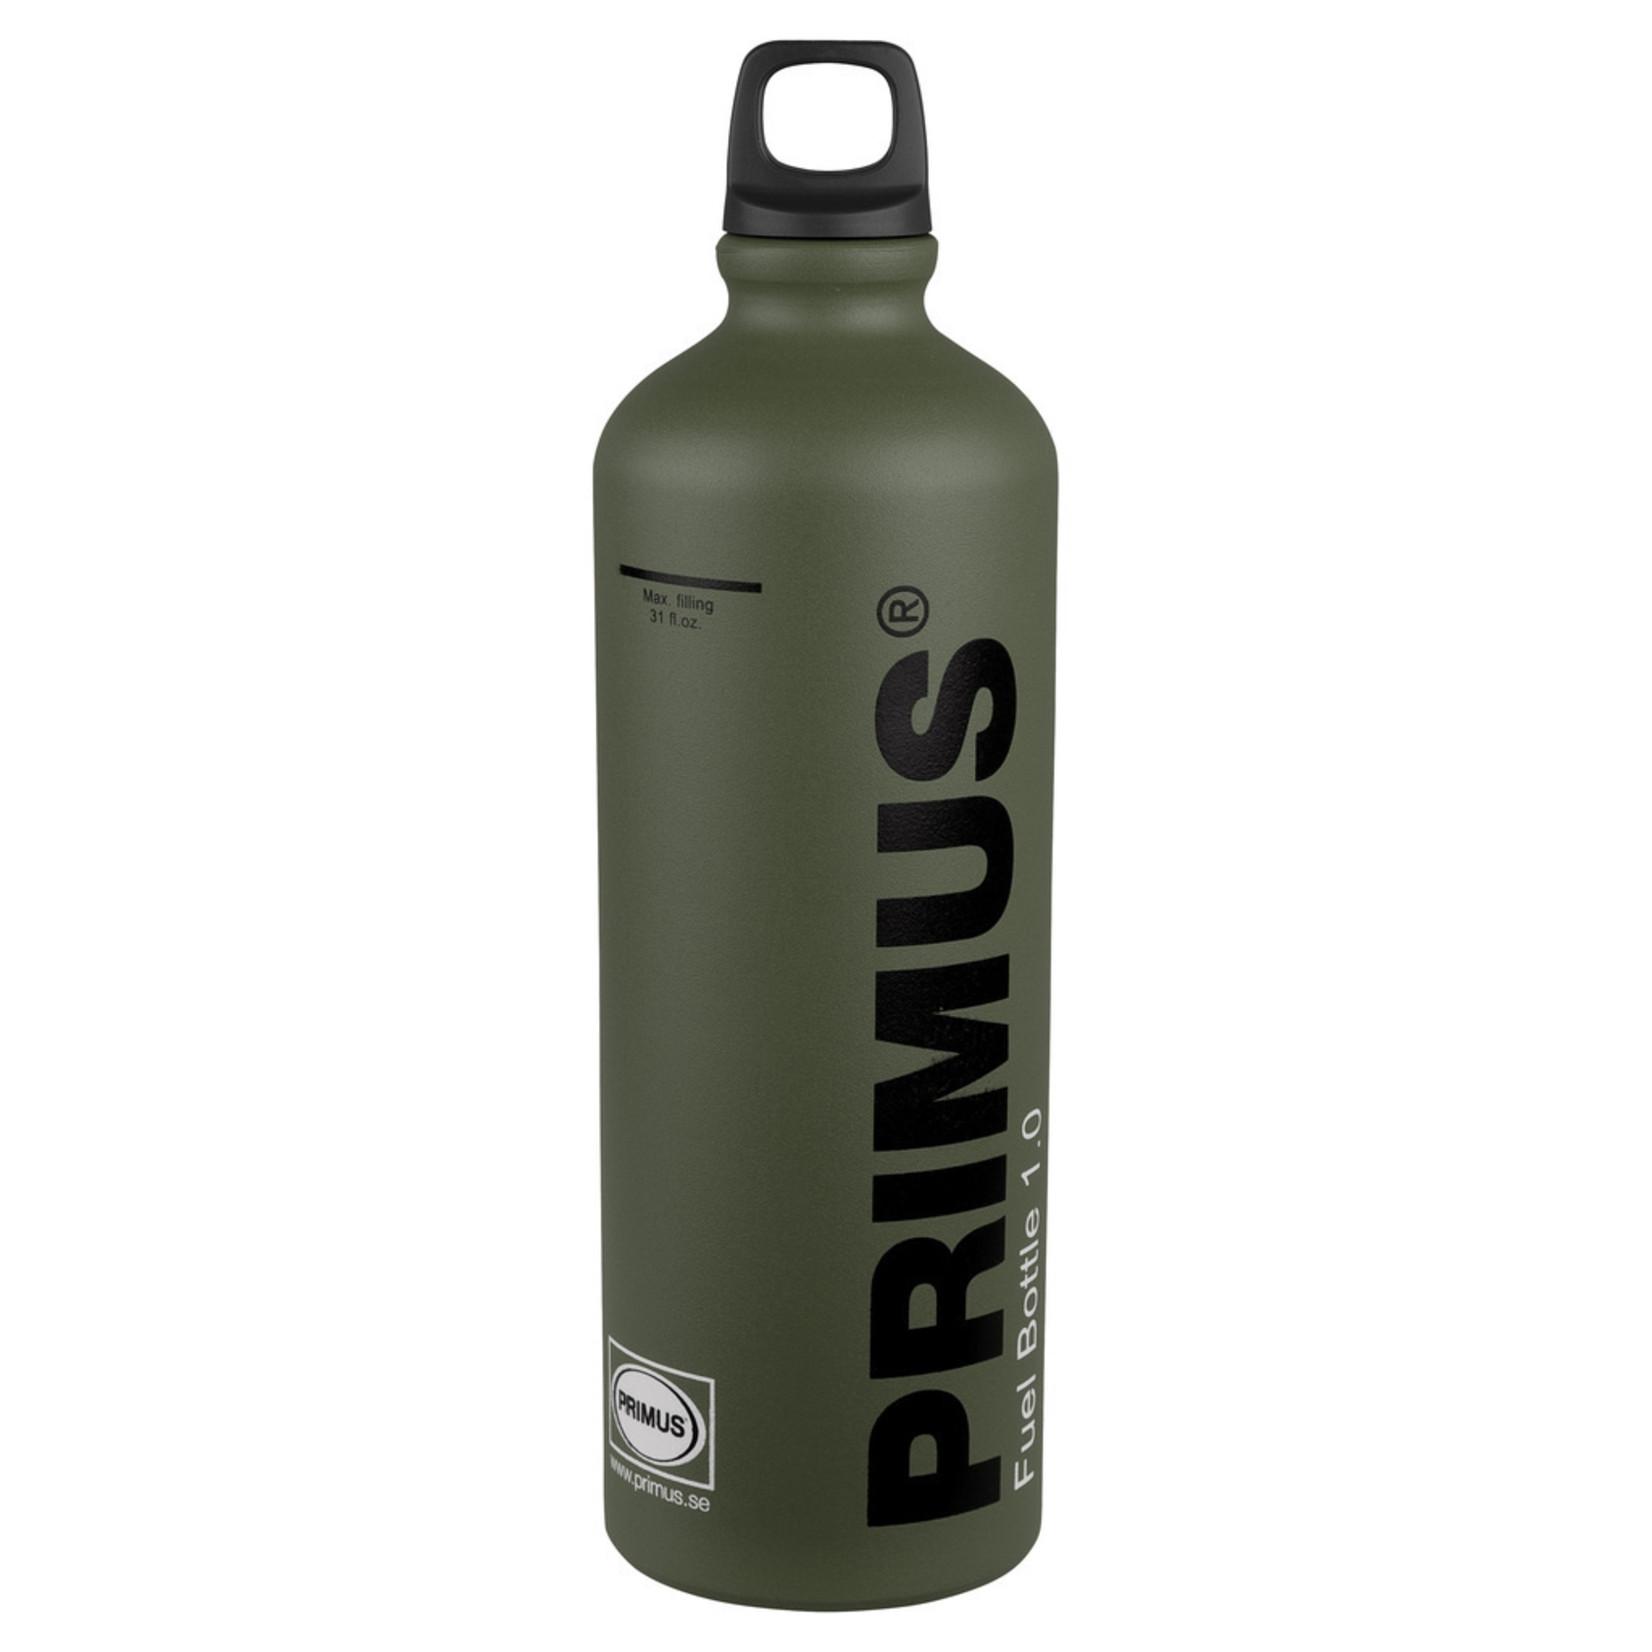 Primus Primus brandstoffles 1 liter forest green, licht